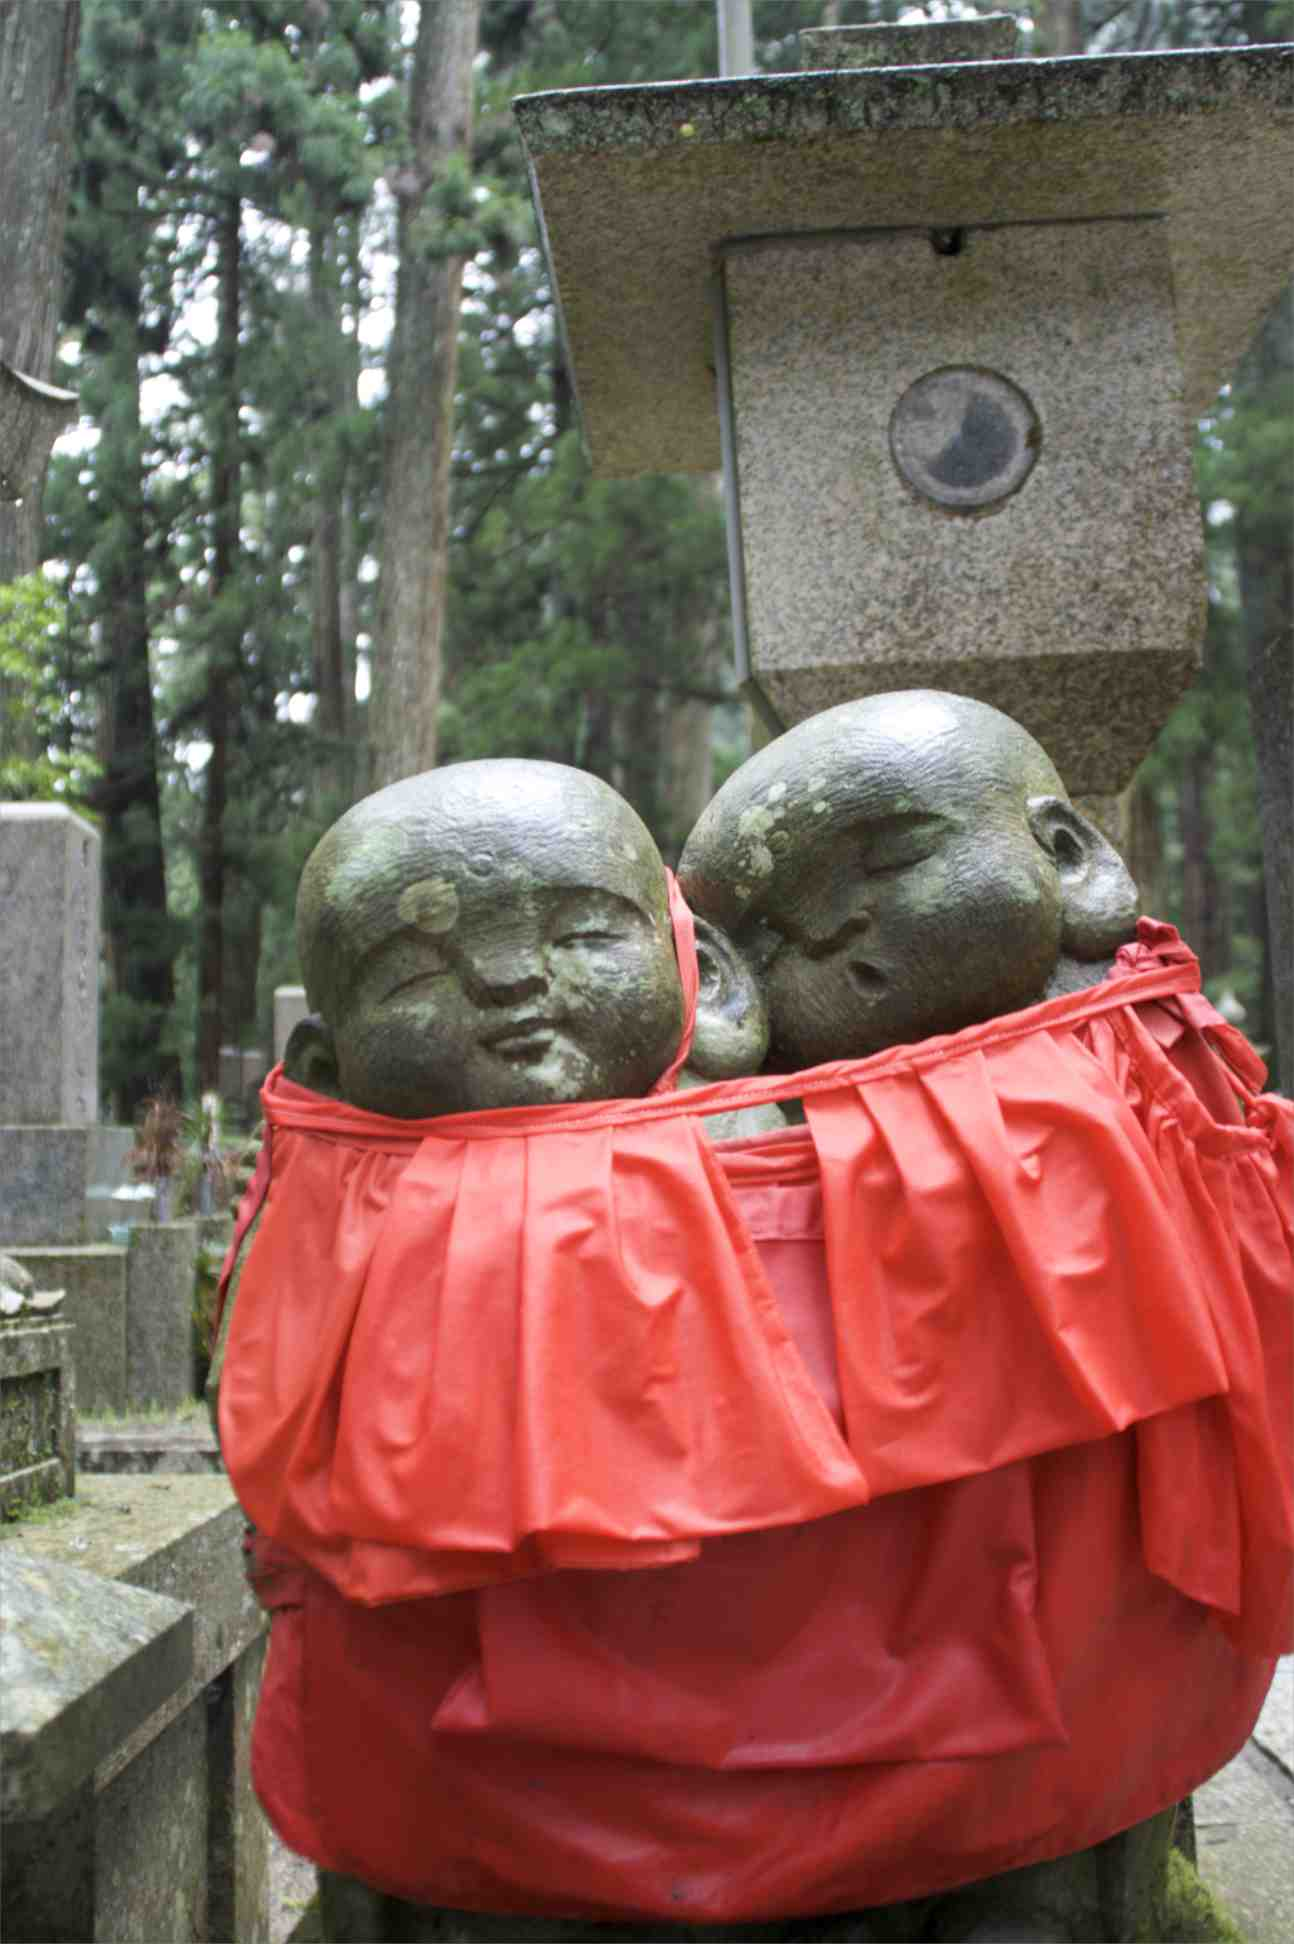 Bouddhisme, Nicolas Roberti, bouddha, bouddhisme, centre culturel bouddhiste, Guéshé Lobsang Yéshé, rue des veyettes,